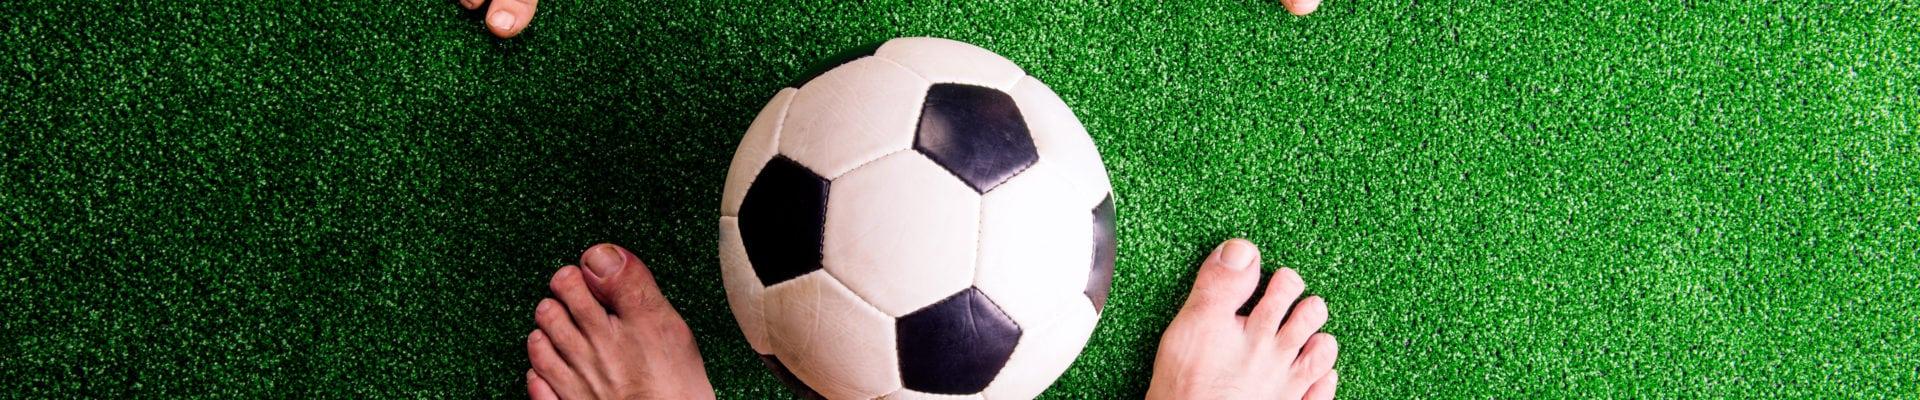 Indoor soccer en speed soccer